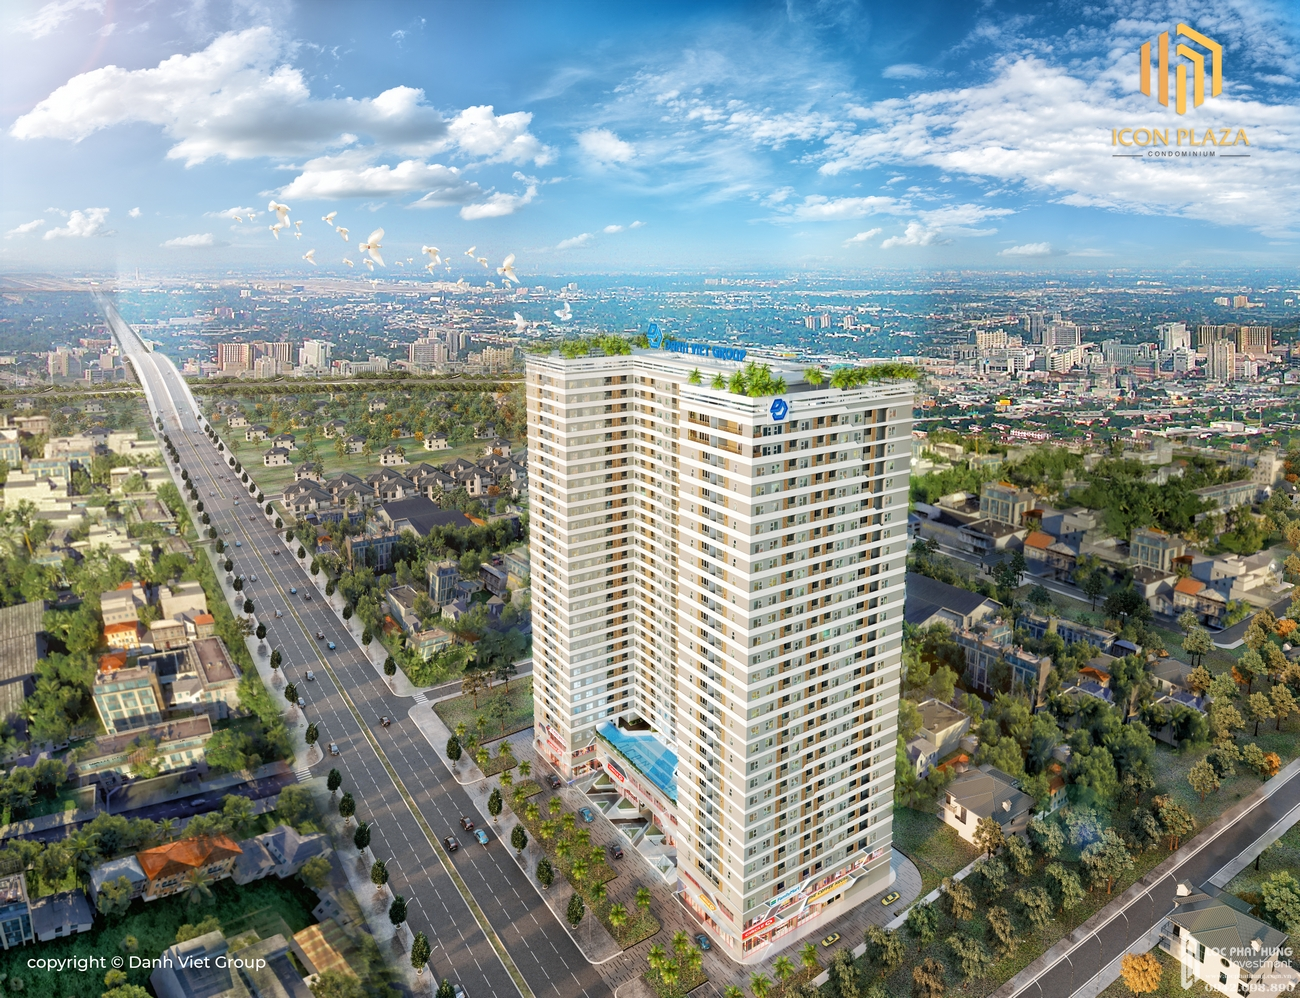 Phối cảnh tổng thể dự án căn hộ chung cư Icon Plaza Thuan An Đường Vòng Xoay An Phú chủ đầu tư Danh Việt Group